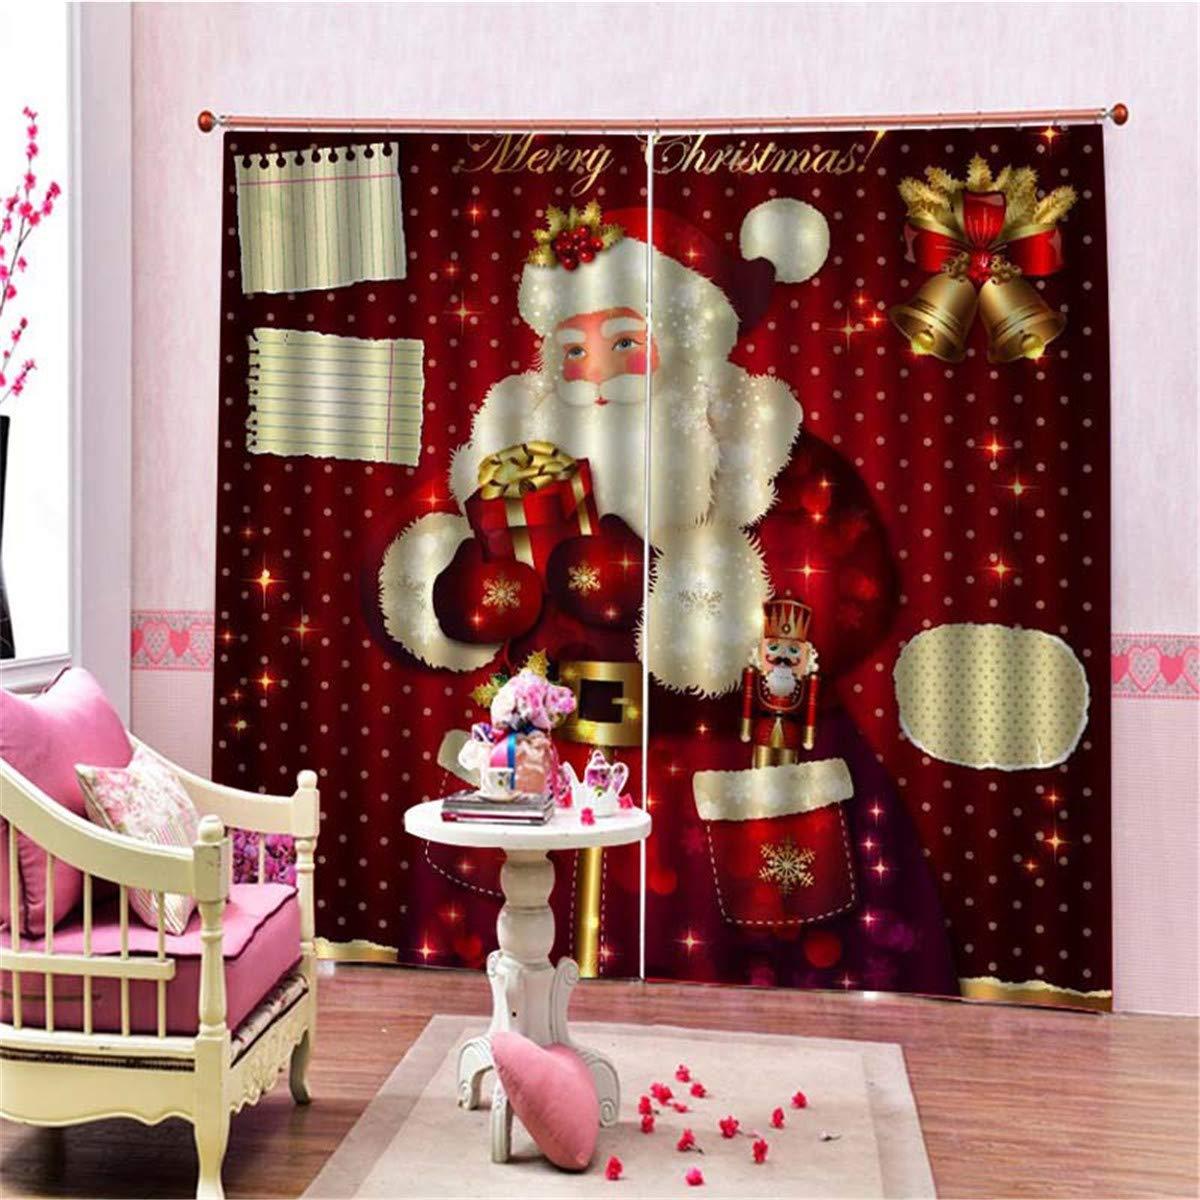 Global Brands Online Tela de Encargo de la Feliz Navidad Navidad Navidad Poliatilde;copy;Ster Papatilde;iexcl; Noel Impermeable Cuarto de Baatilde;plusmn;o Cortina de Ducha 56fa52